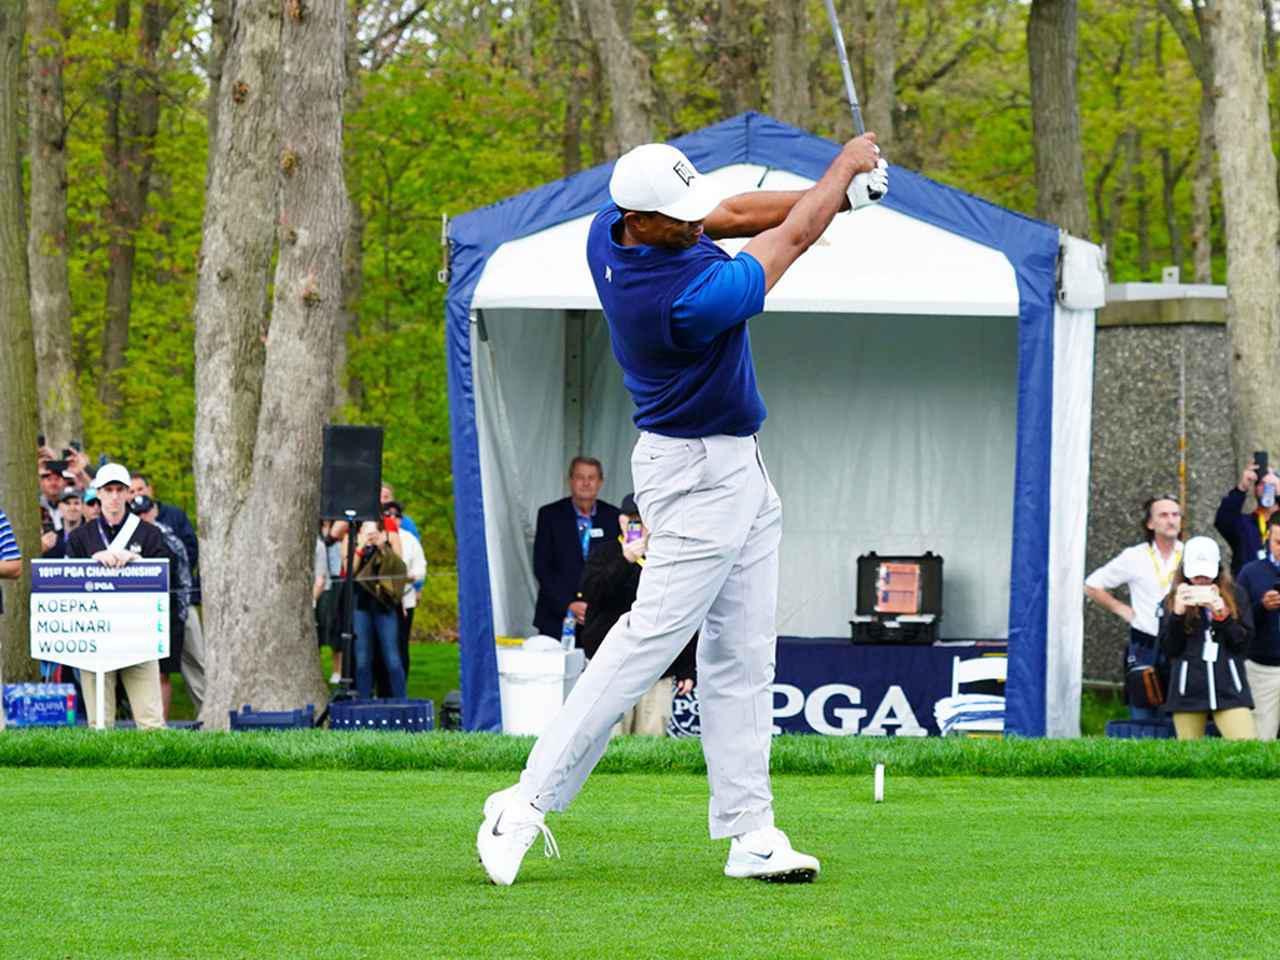 画像5: 【タイガー・ウッズ】PGAツアー82勝の偉業達成。43歳の新スウィングは手首が自然にリリース。体にやさしい、アマのお手本!